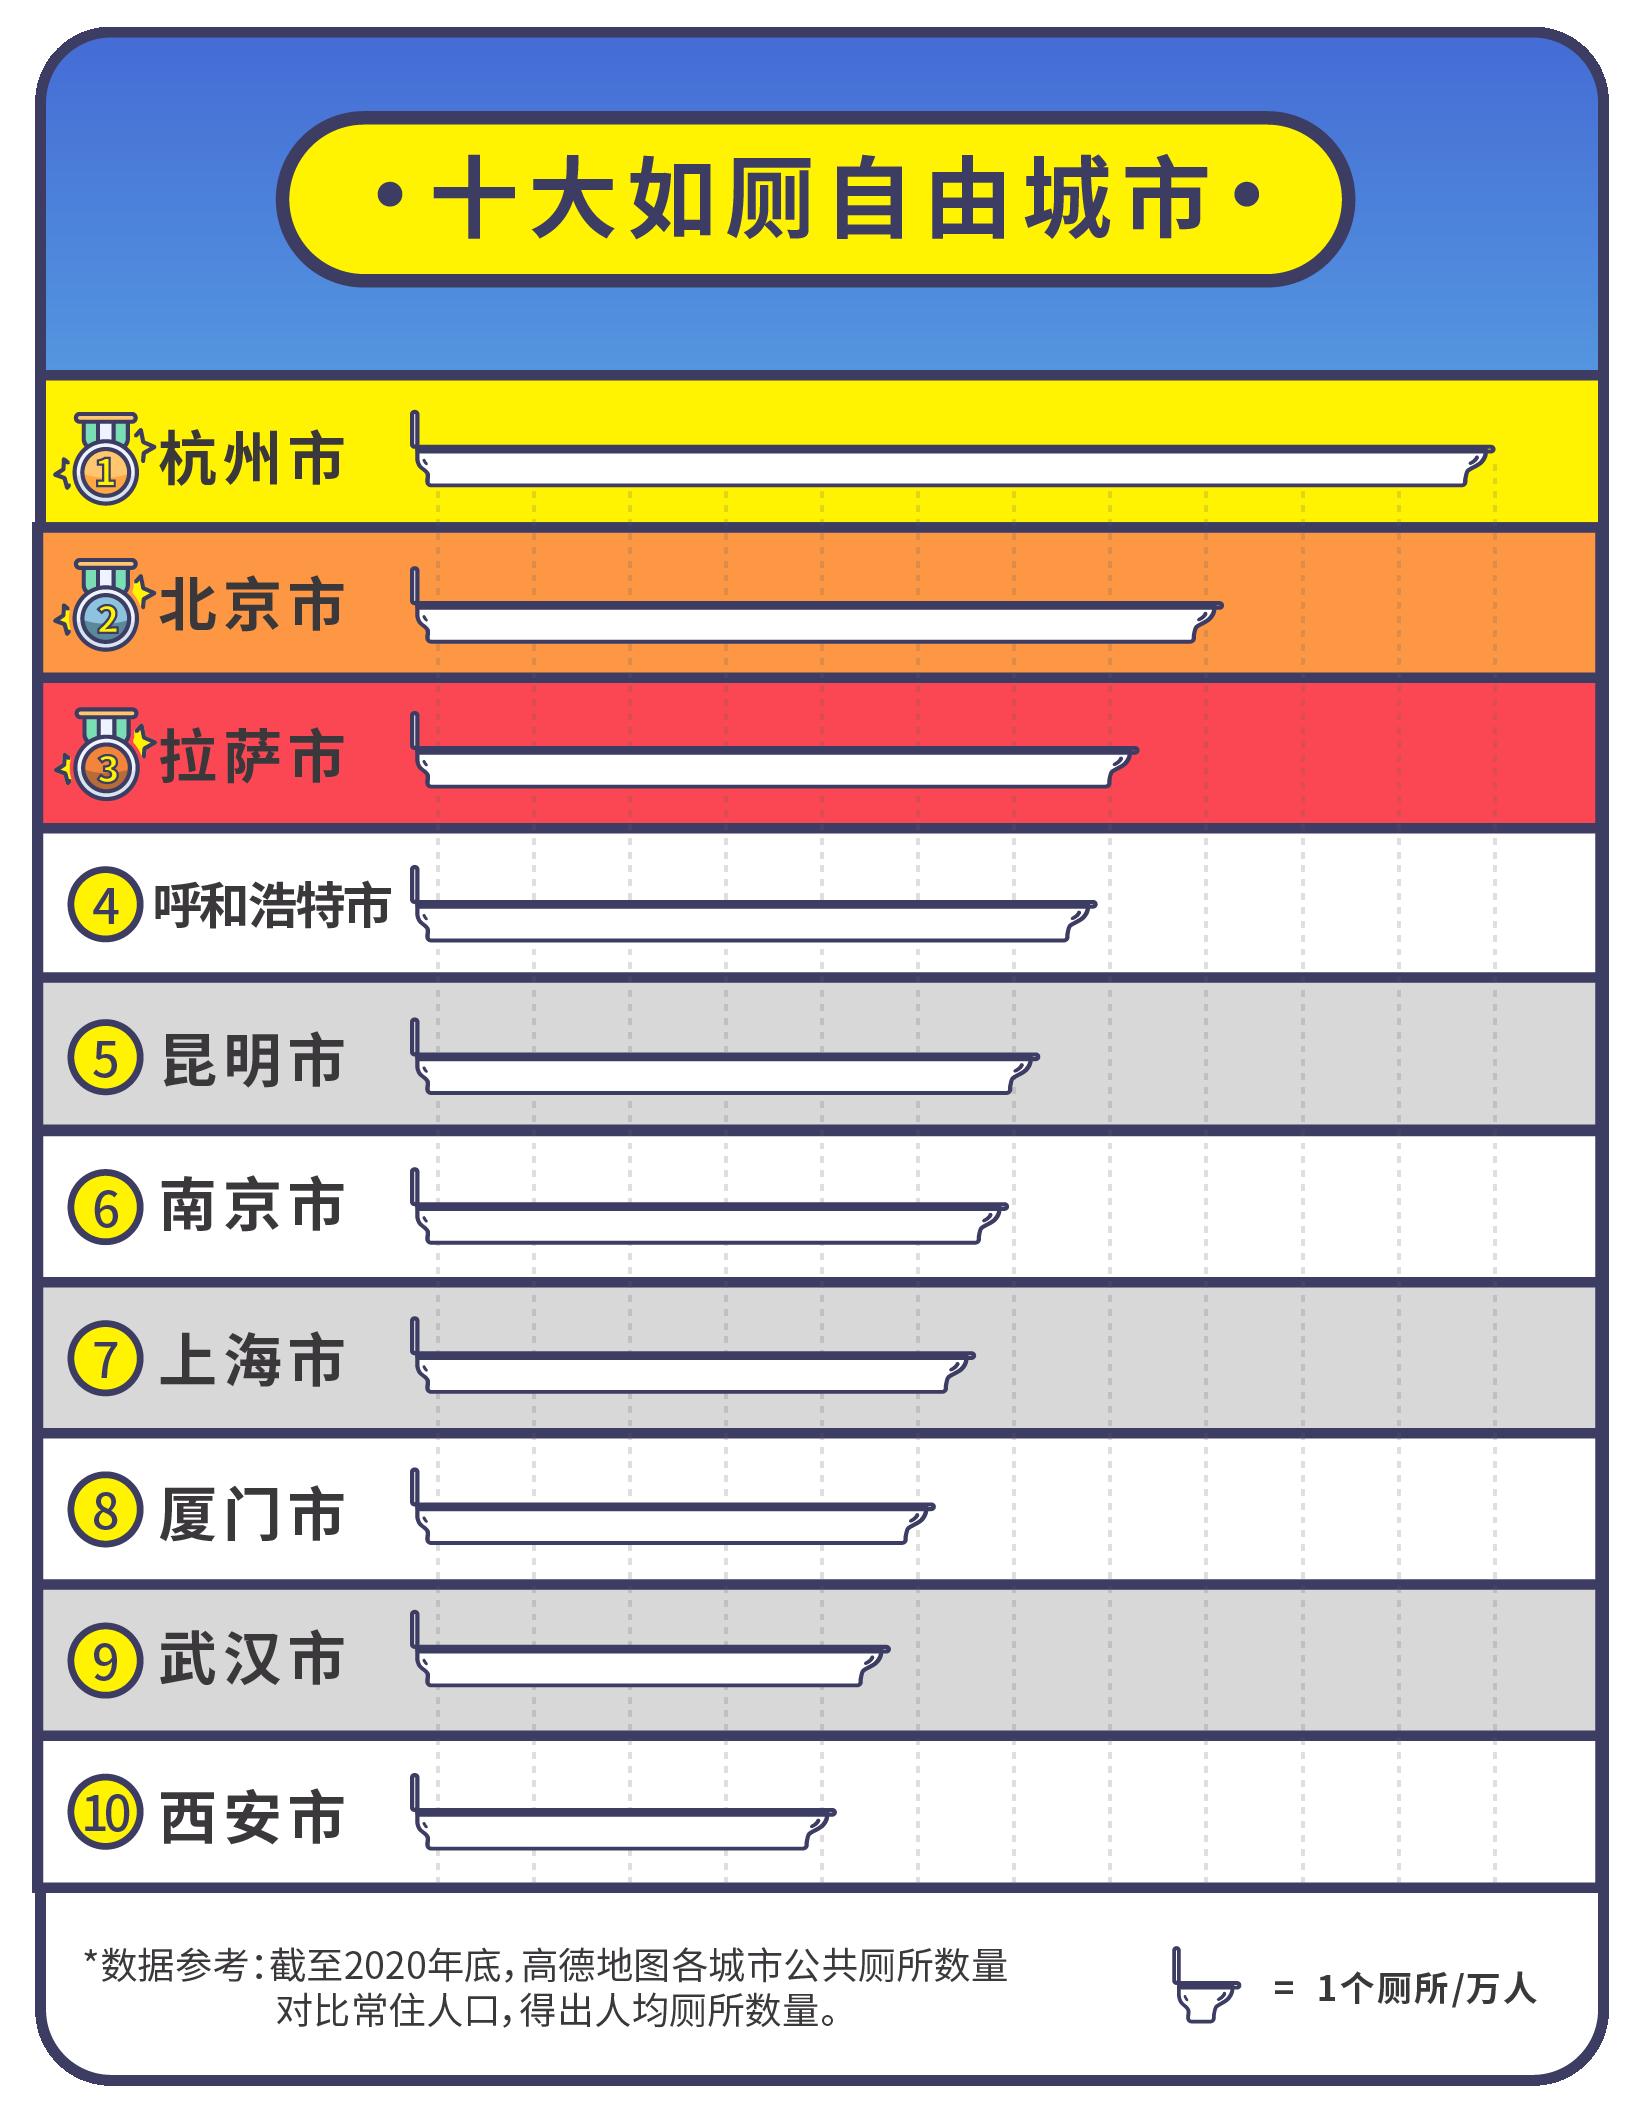 高德地图《2021中国公共厕所图鉴》:深圳十大厕王出炉